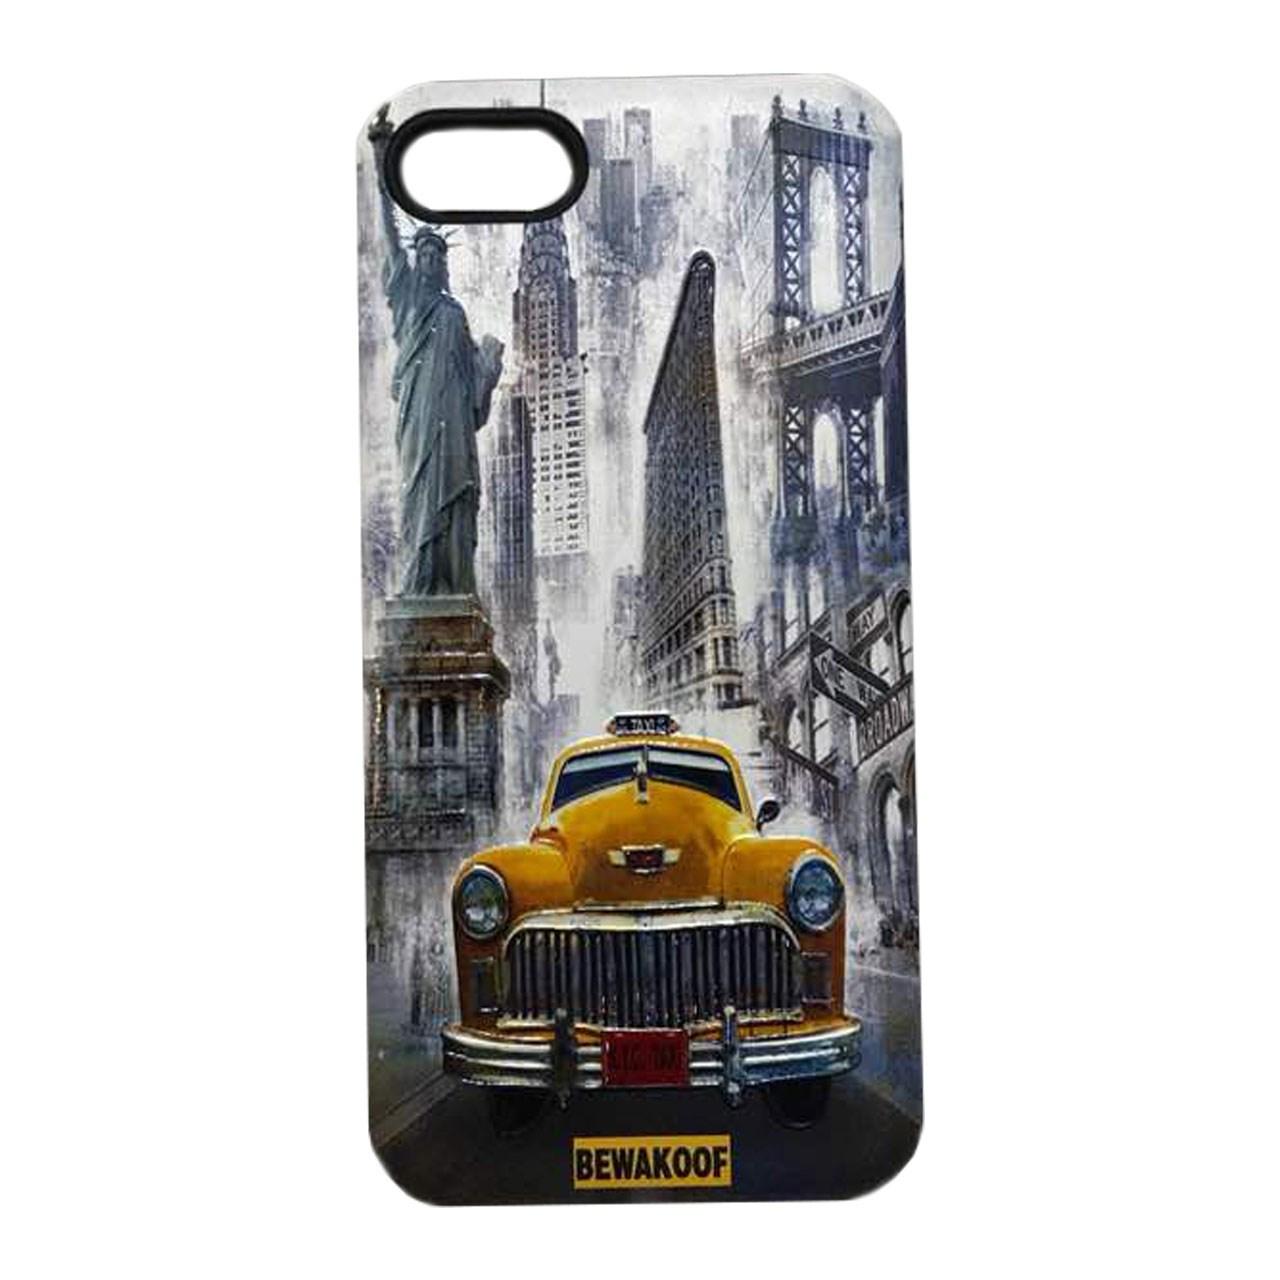 کاور بیواکوف مدل Yellow car مناسب برای گوشی موبایل اپلiPhone 7/ iPhone 8